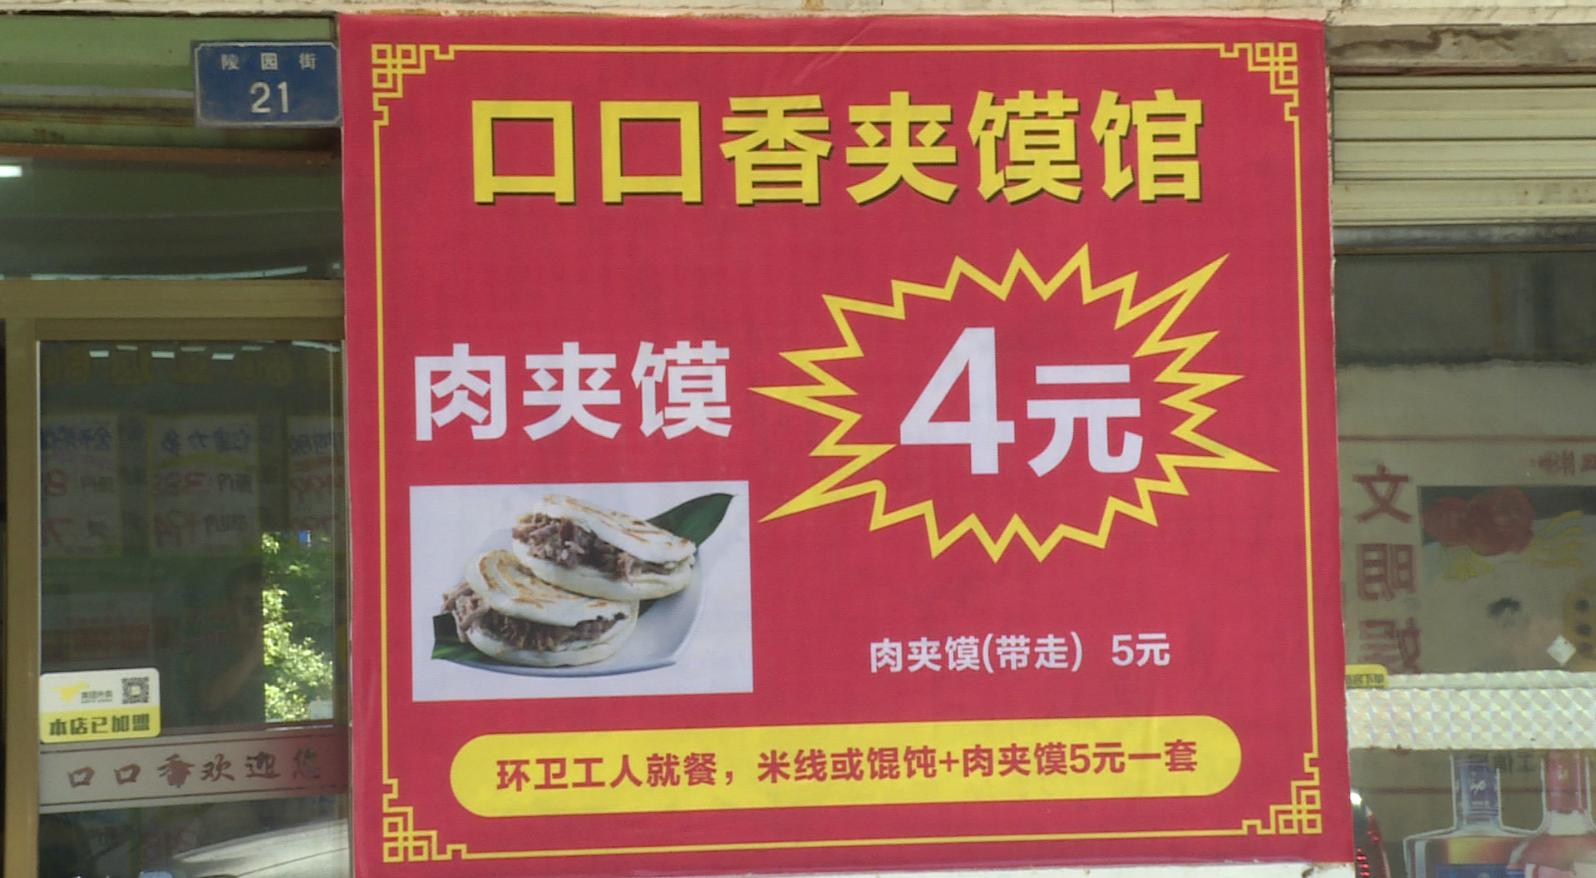 """4元肉夾饃——""""只要豬肉不漲價,我也絕不抬價!"""""""